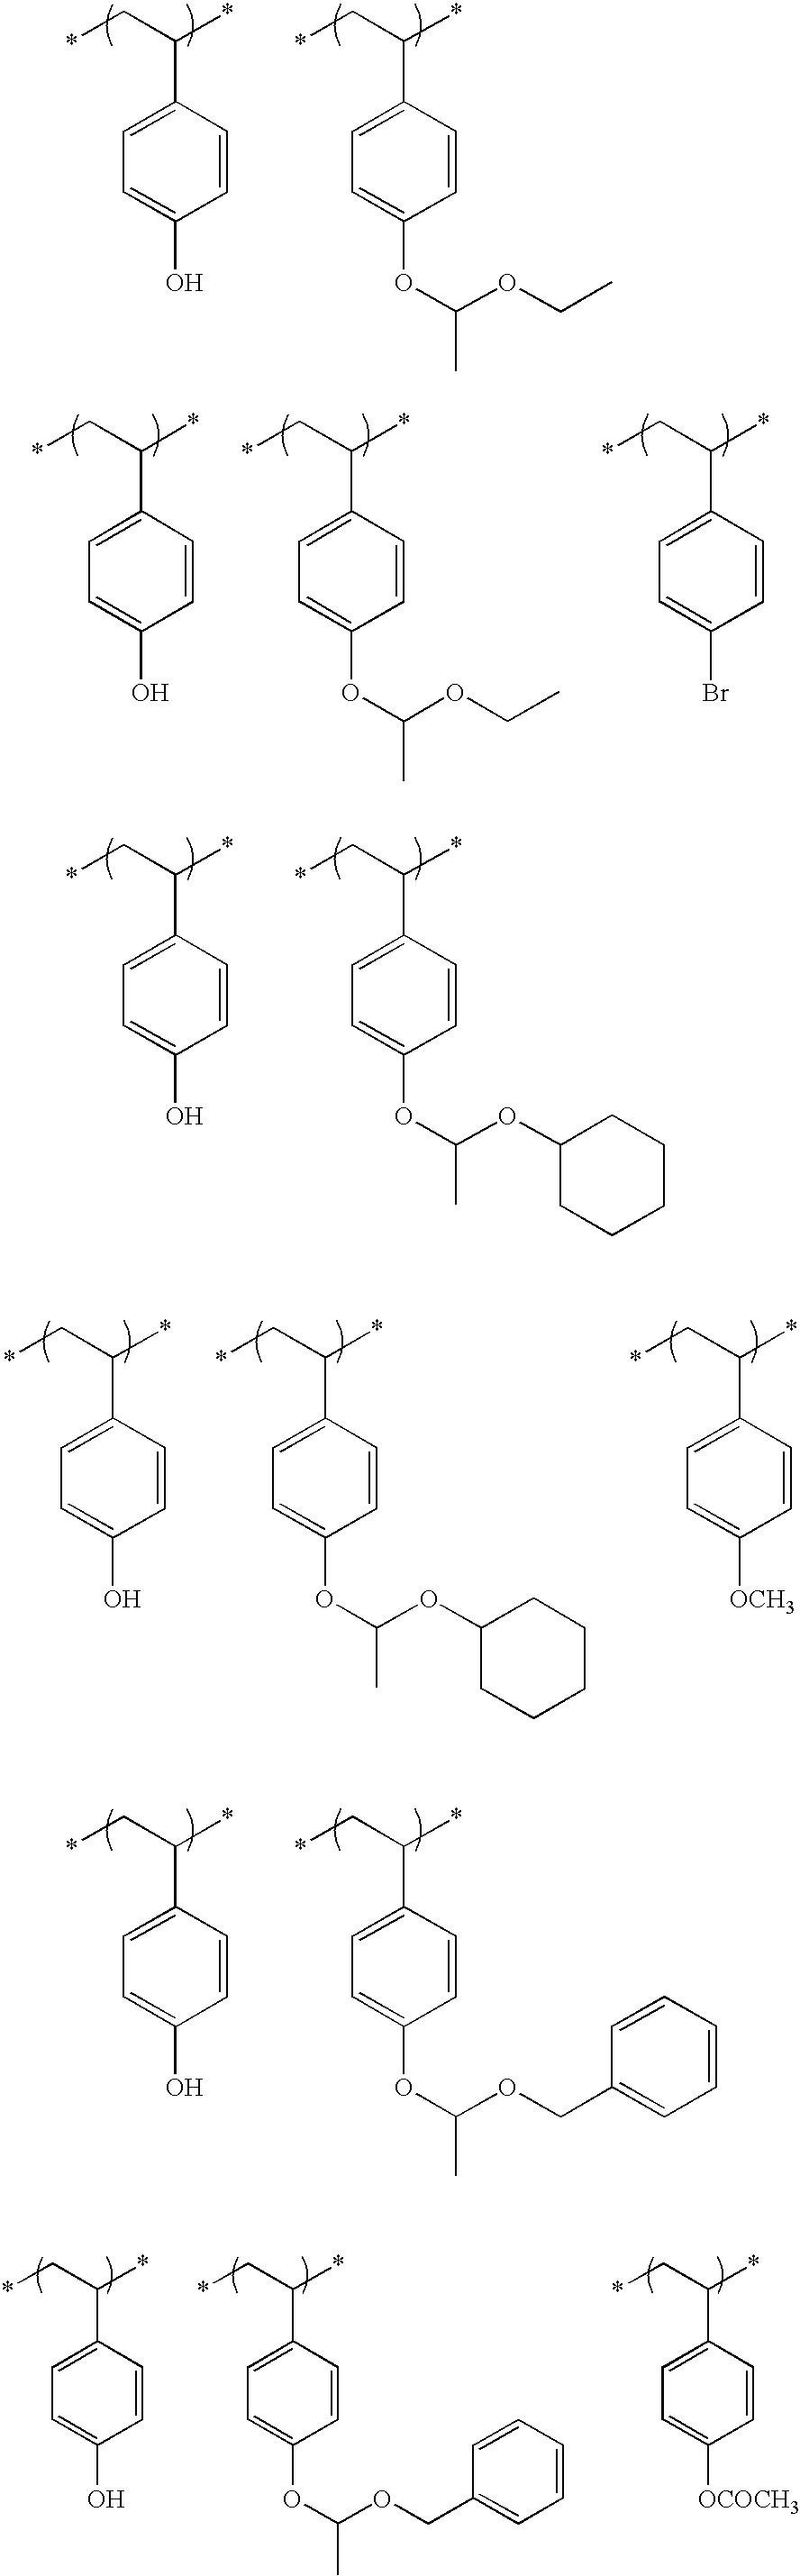 Figure US20100183975A1-20100722-C00211